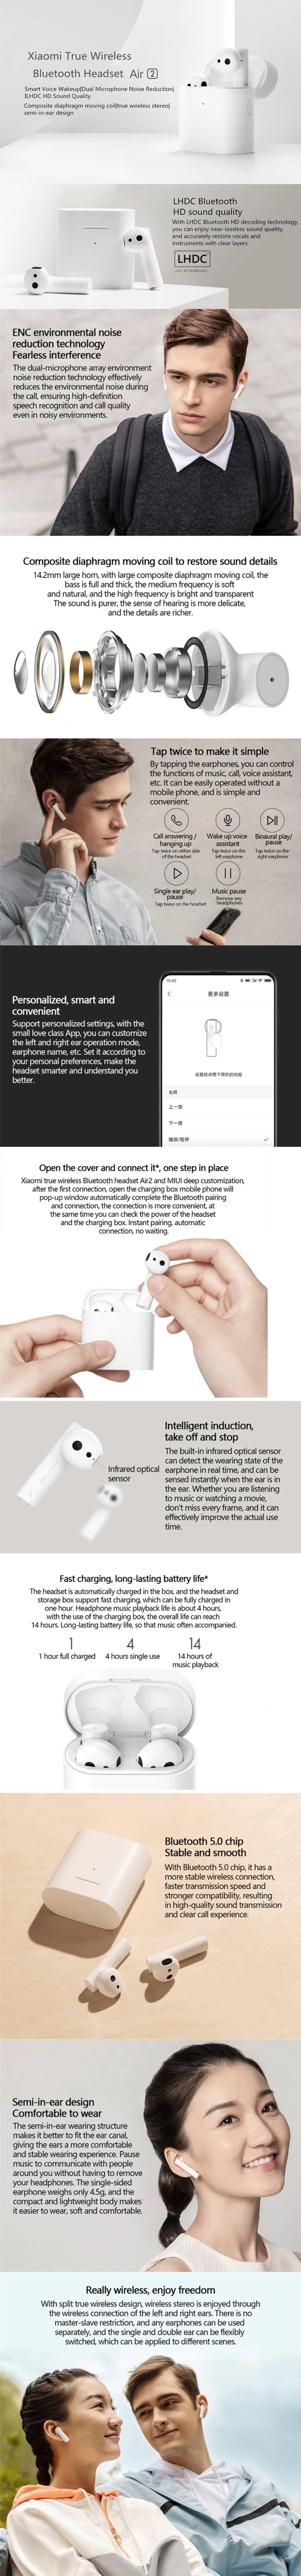 Prezentare-Xiaomi-Airdots-Pro-261b92cb81b304ff9.jpg